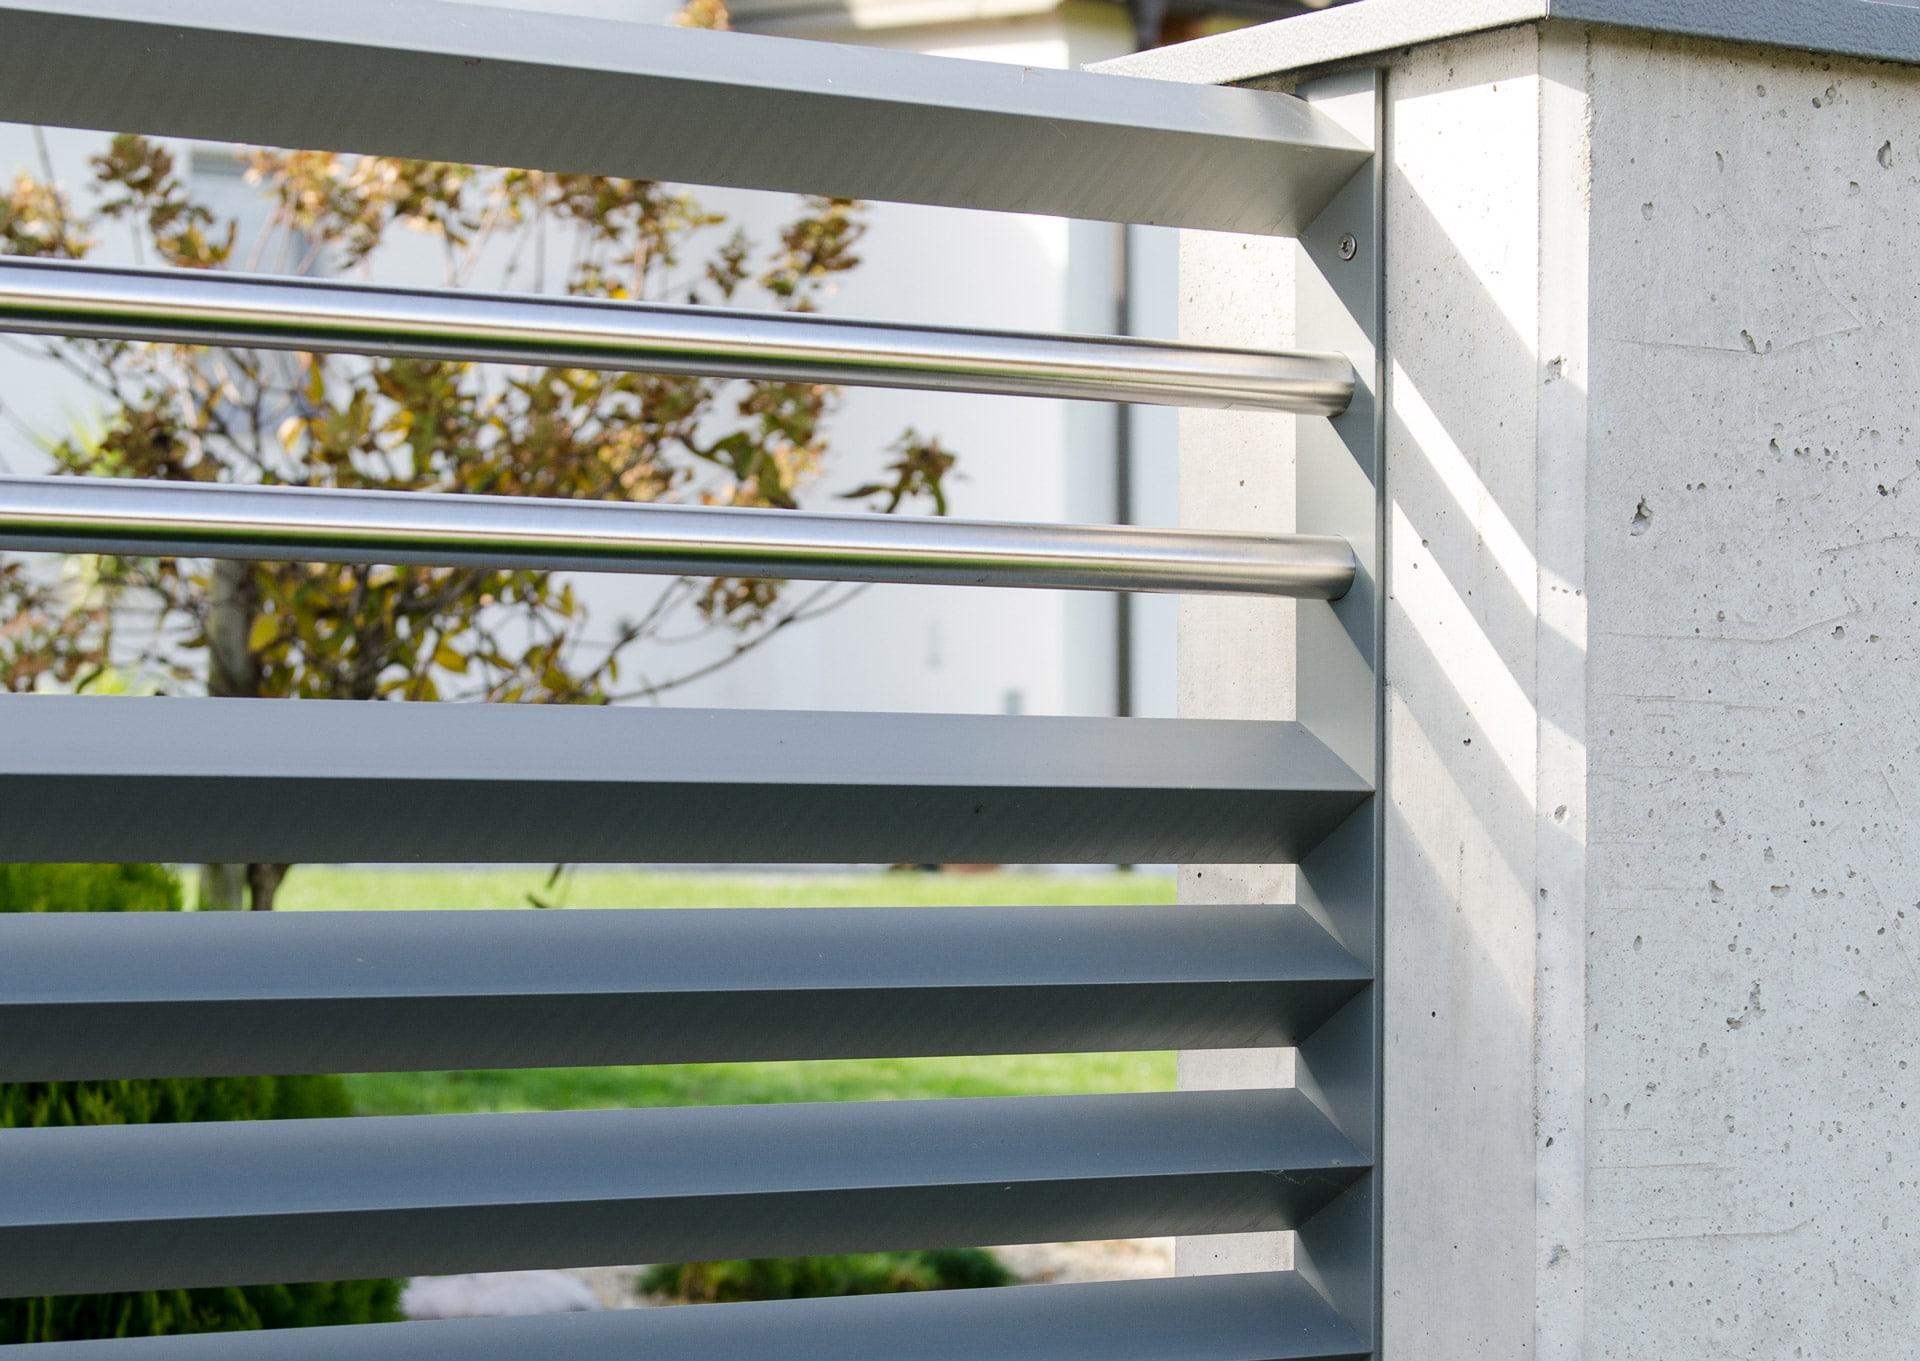 ZA Hartberg 01 g | Aluminium-Zaun mit Dreiecklattung und Edelstahl-Streben auf Betonsteher | Svoboda